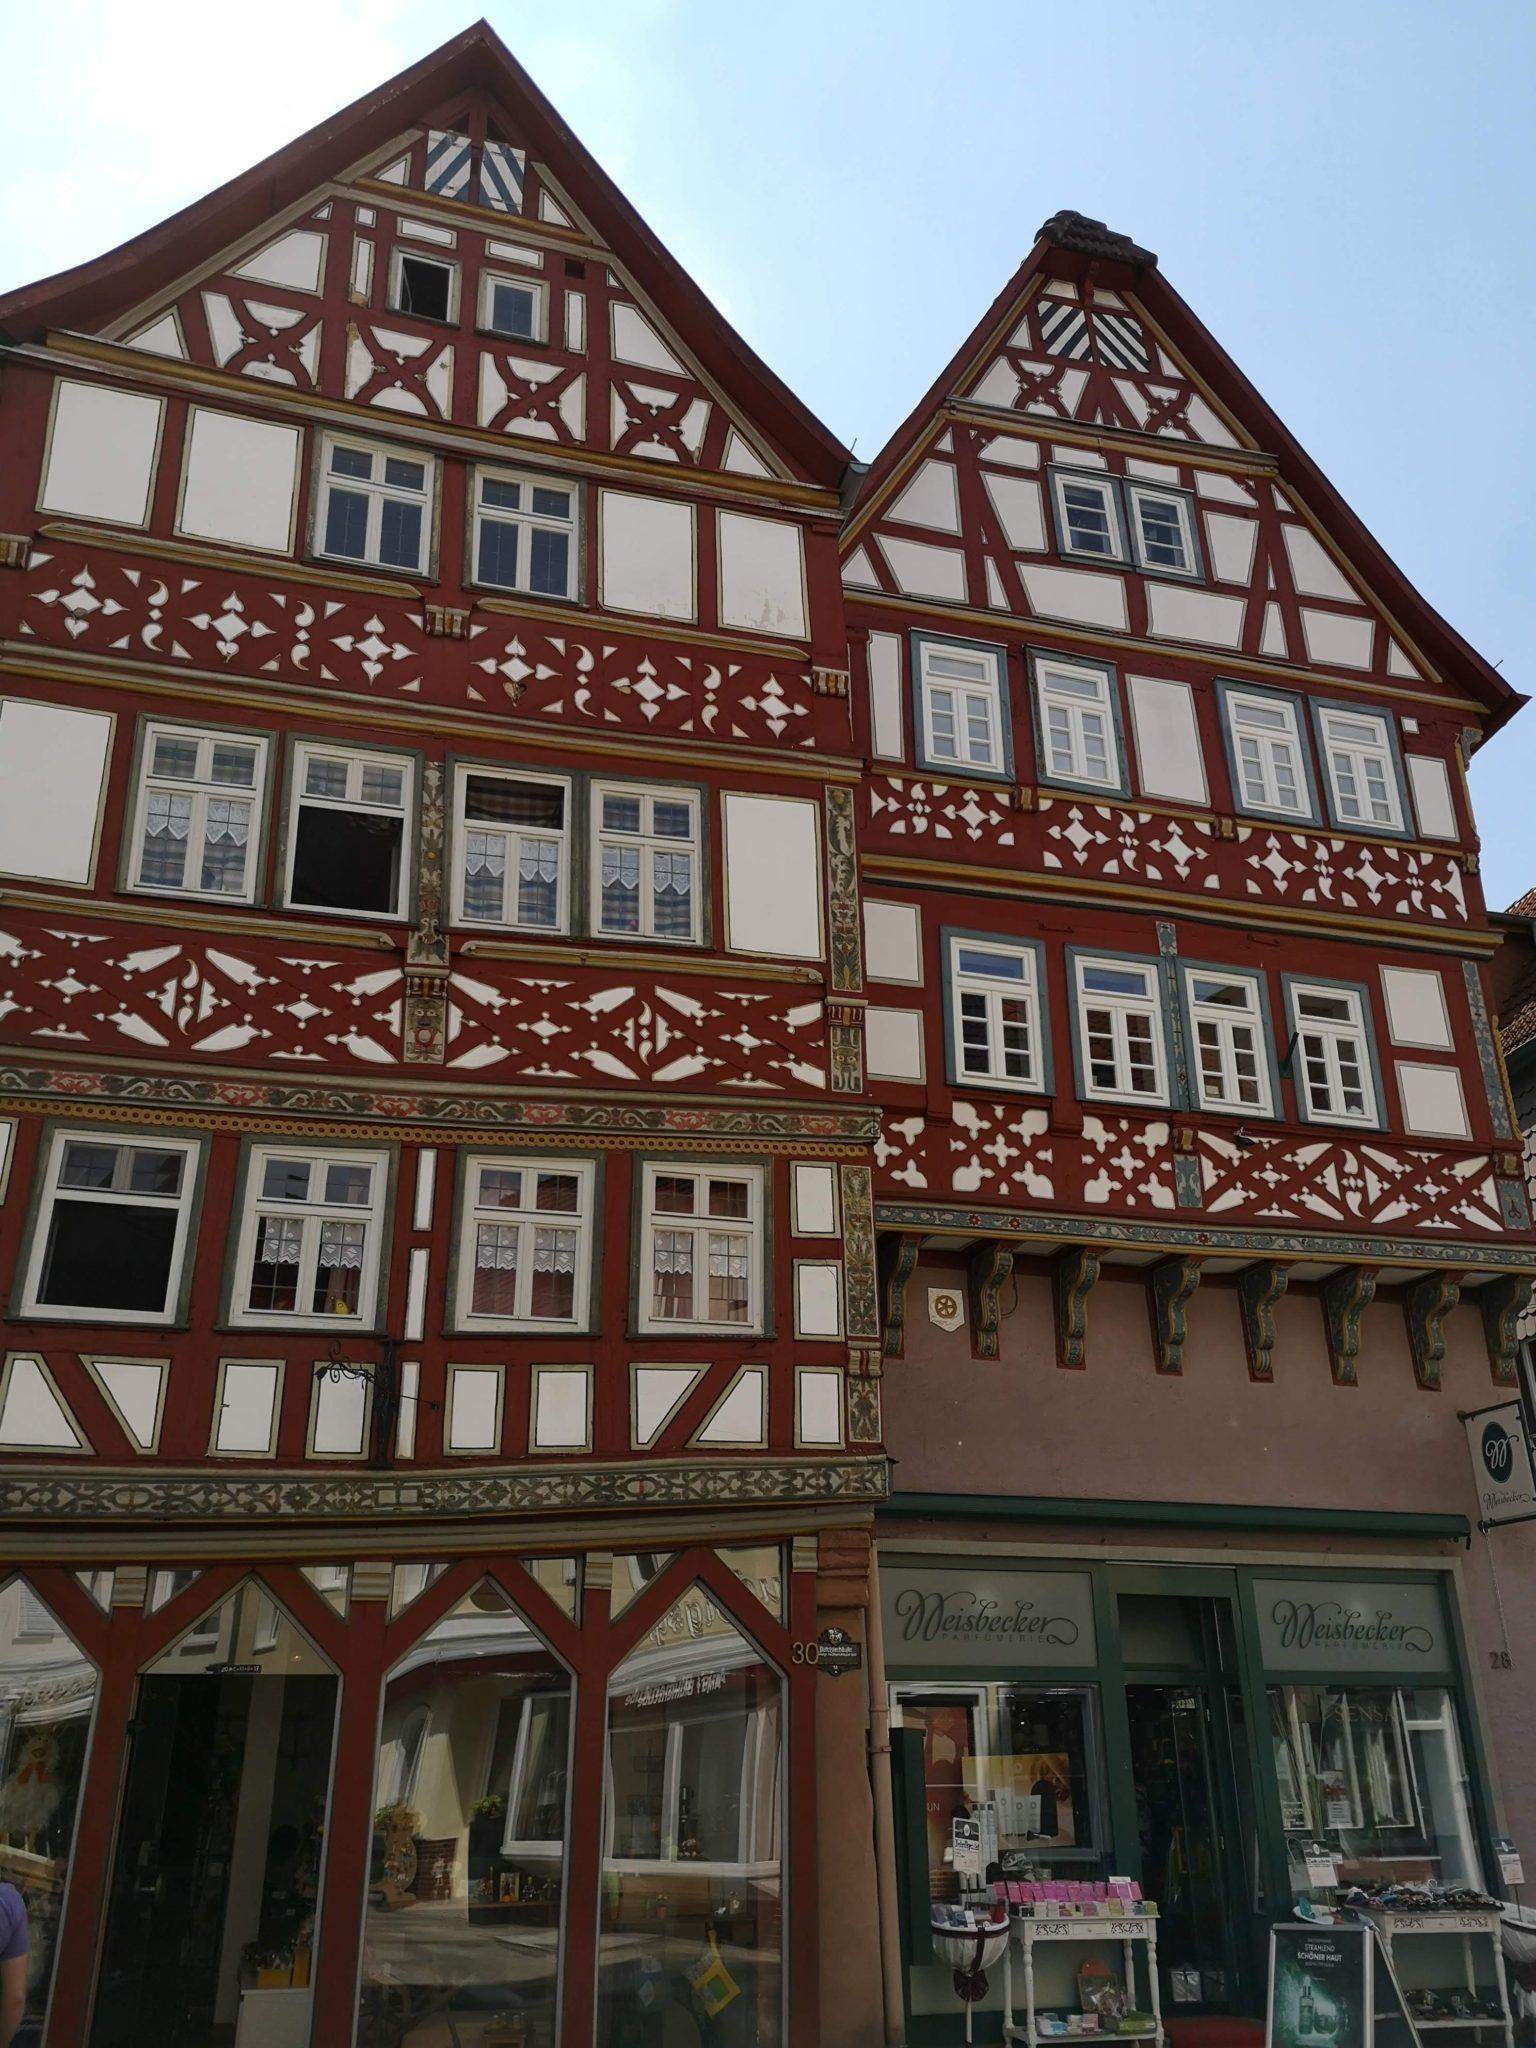 Schöne Fachwerkhäuser in Bad Orb